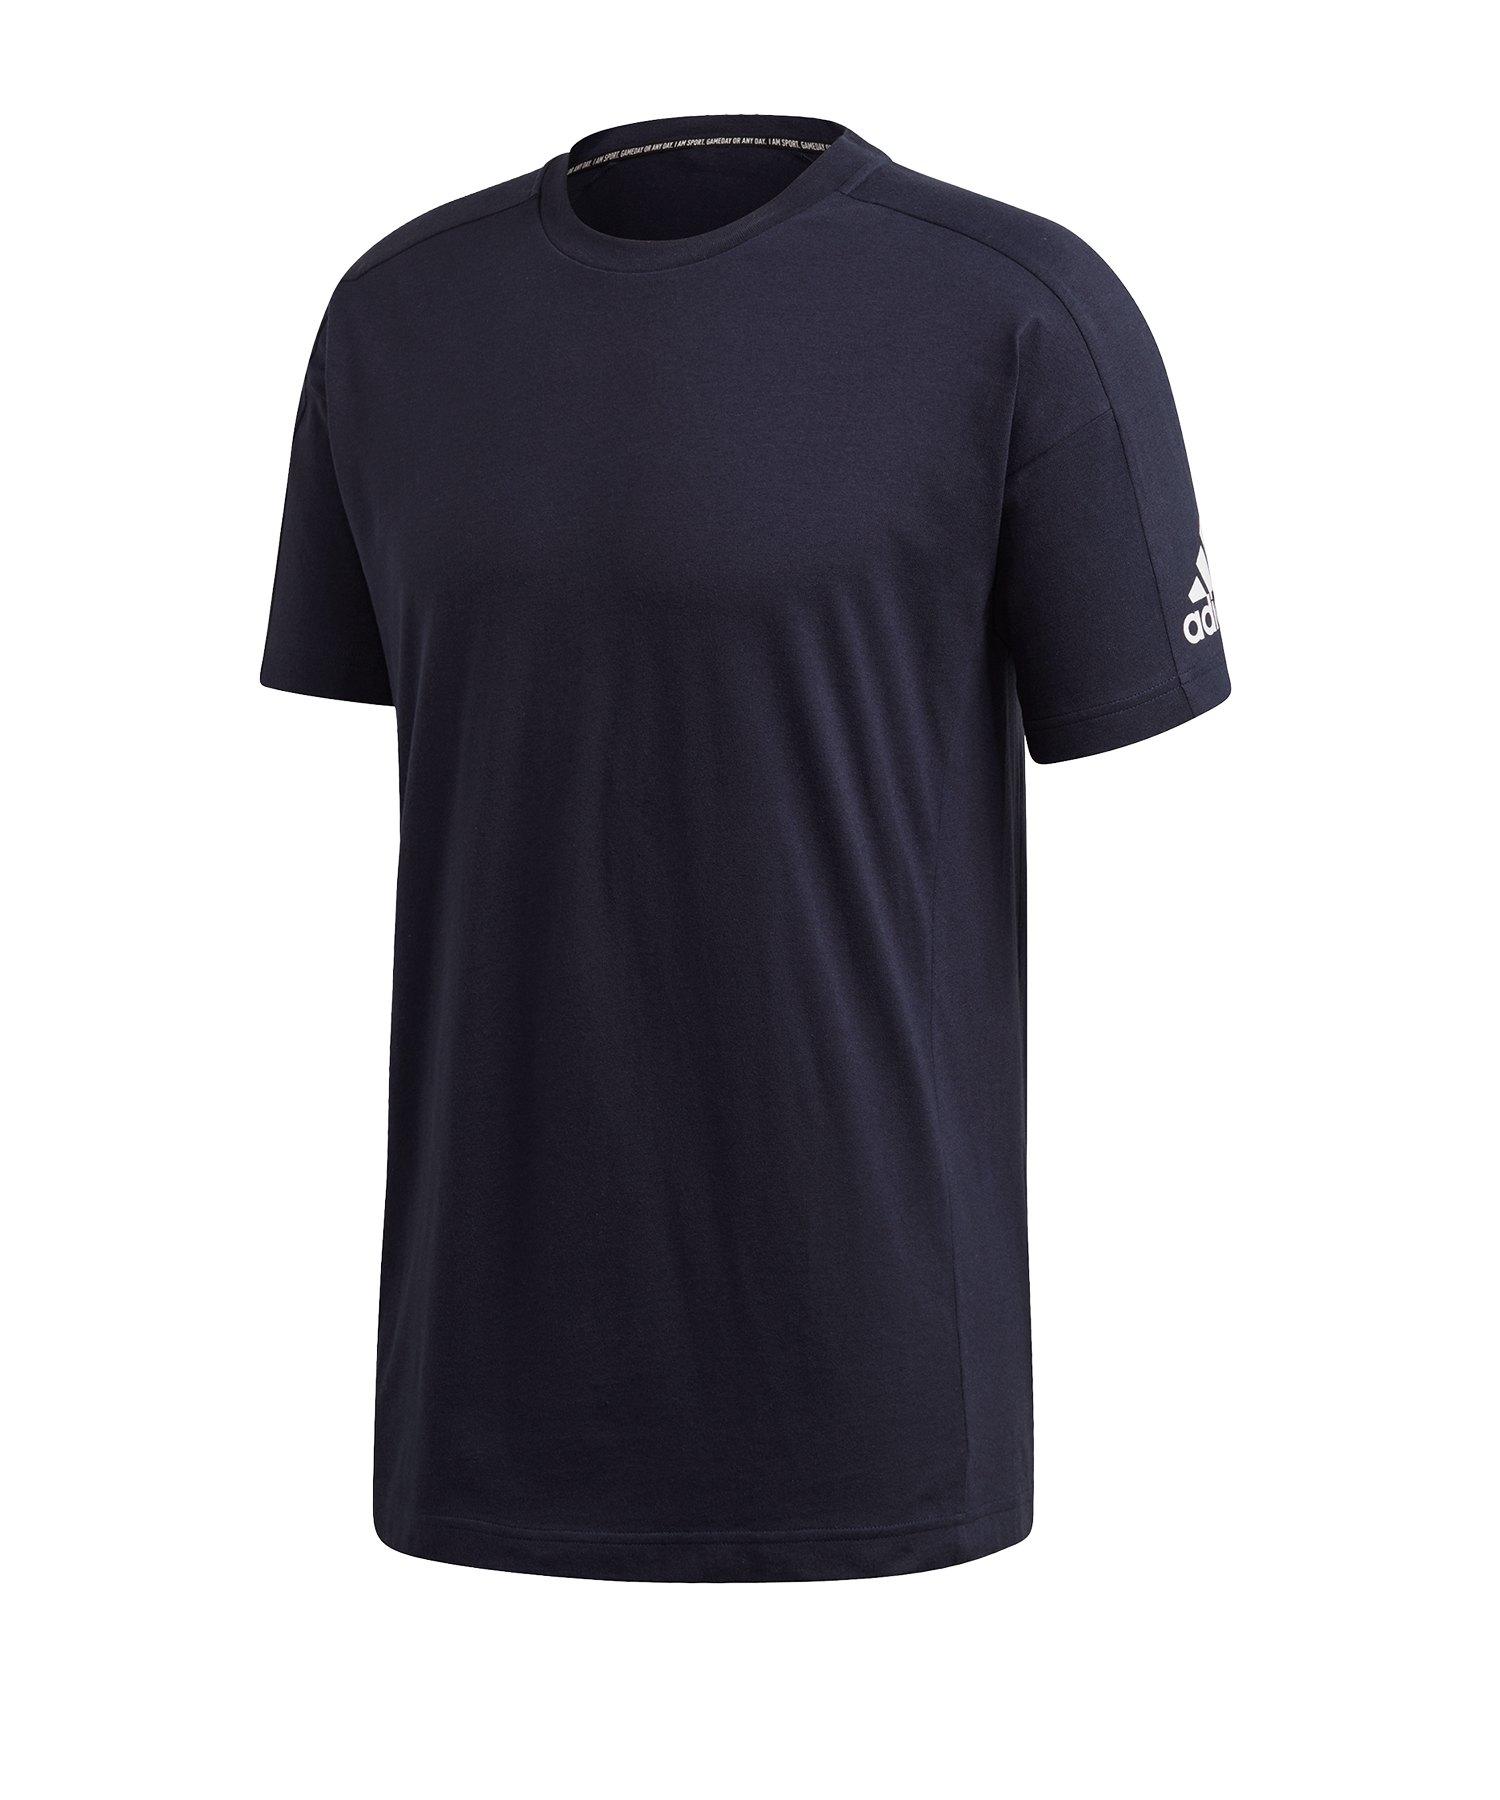 adidas MH Plain T-Shirt Schwarz - blau